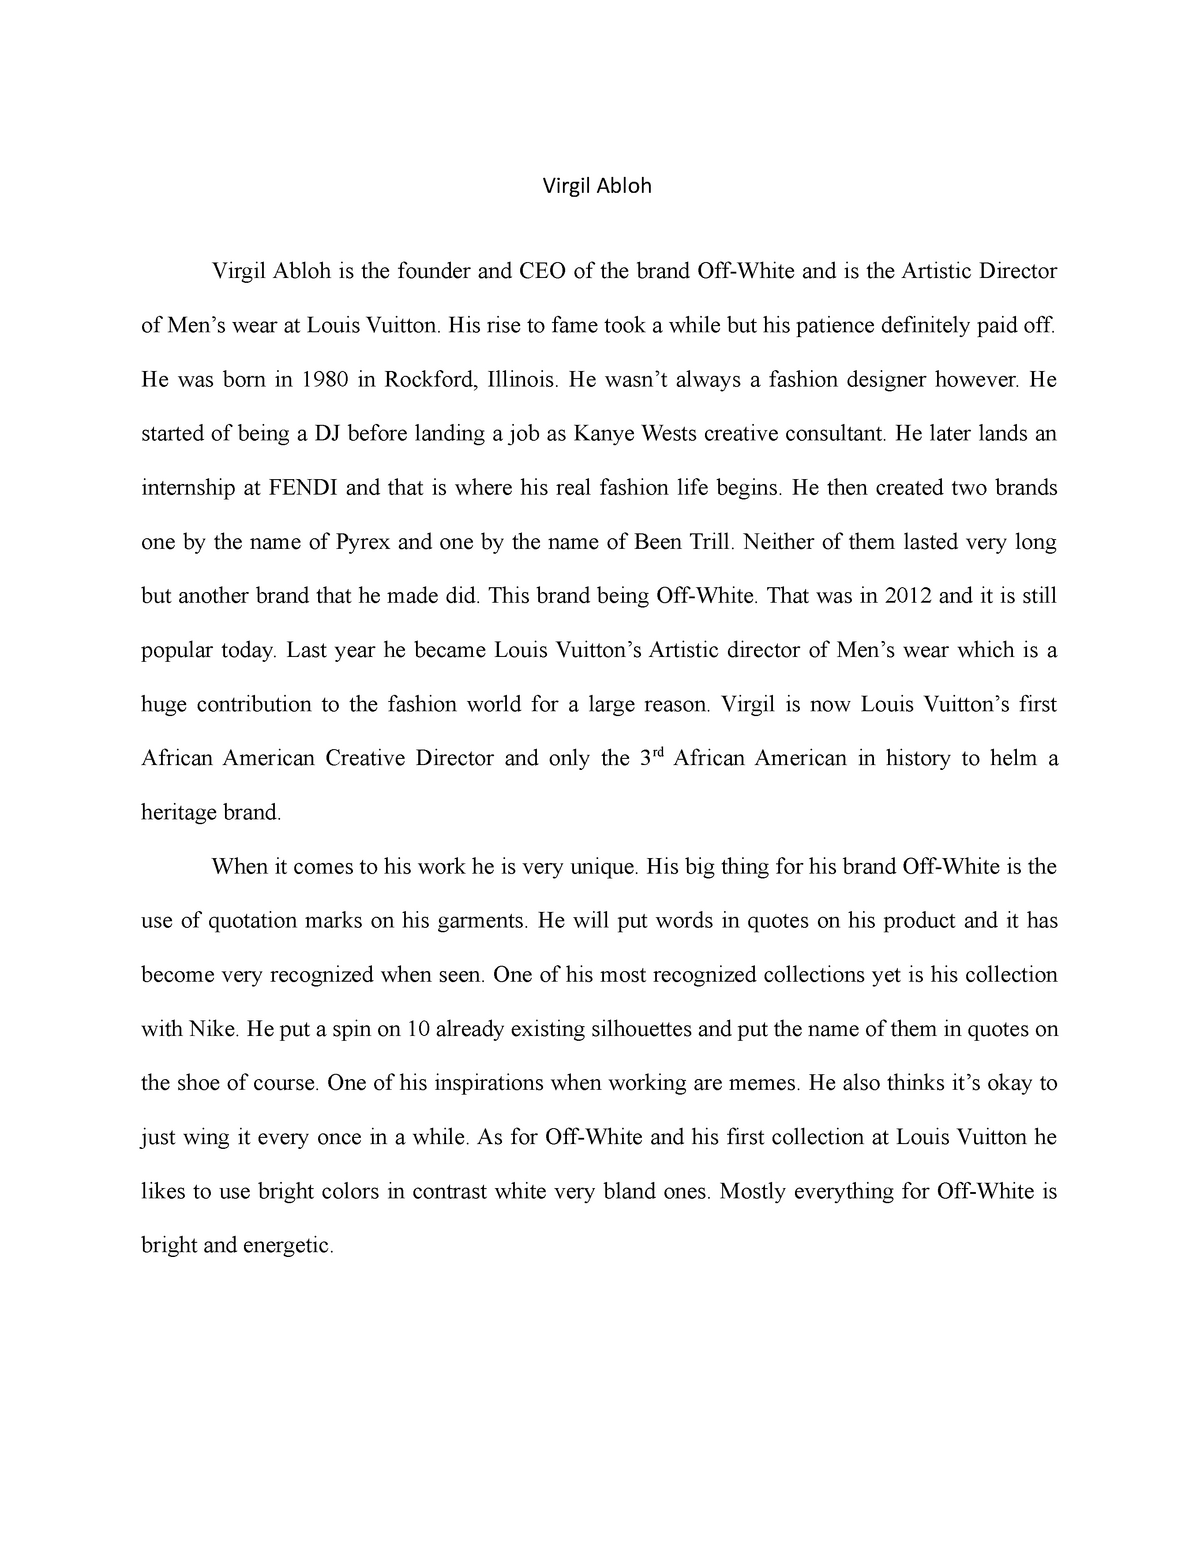 Virgil Abloh Tech Lecture Notes All Notes Fdm 20050 Studocu